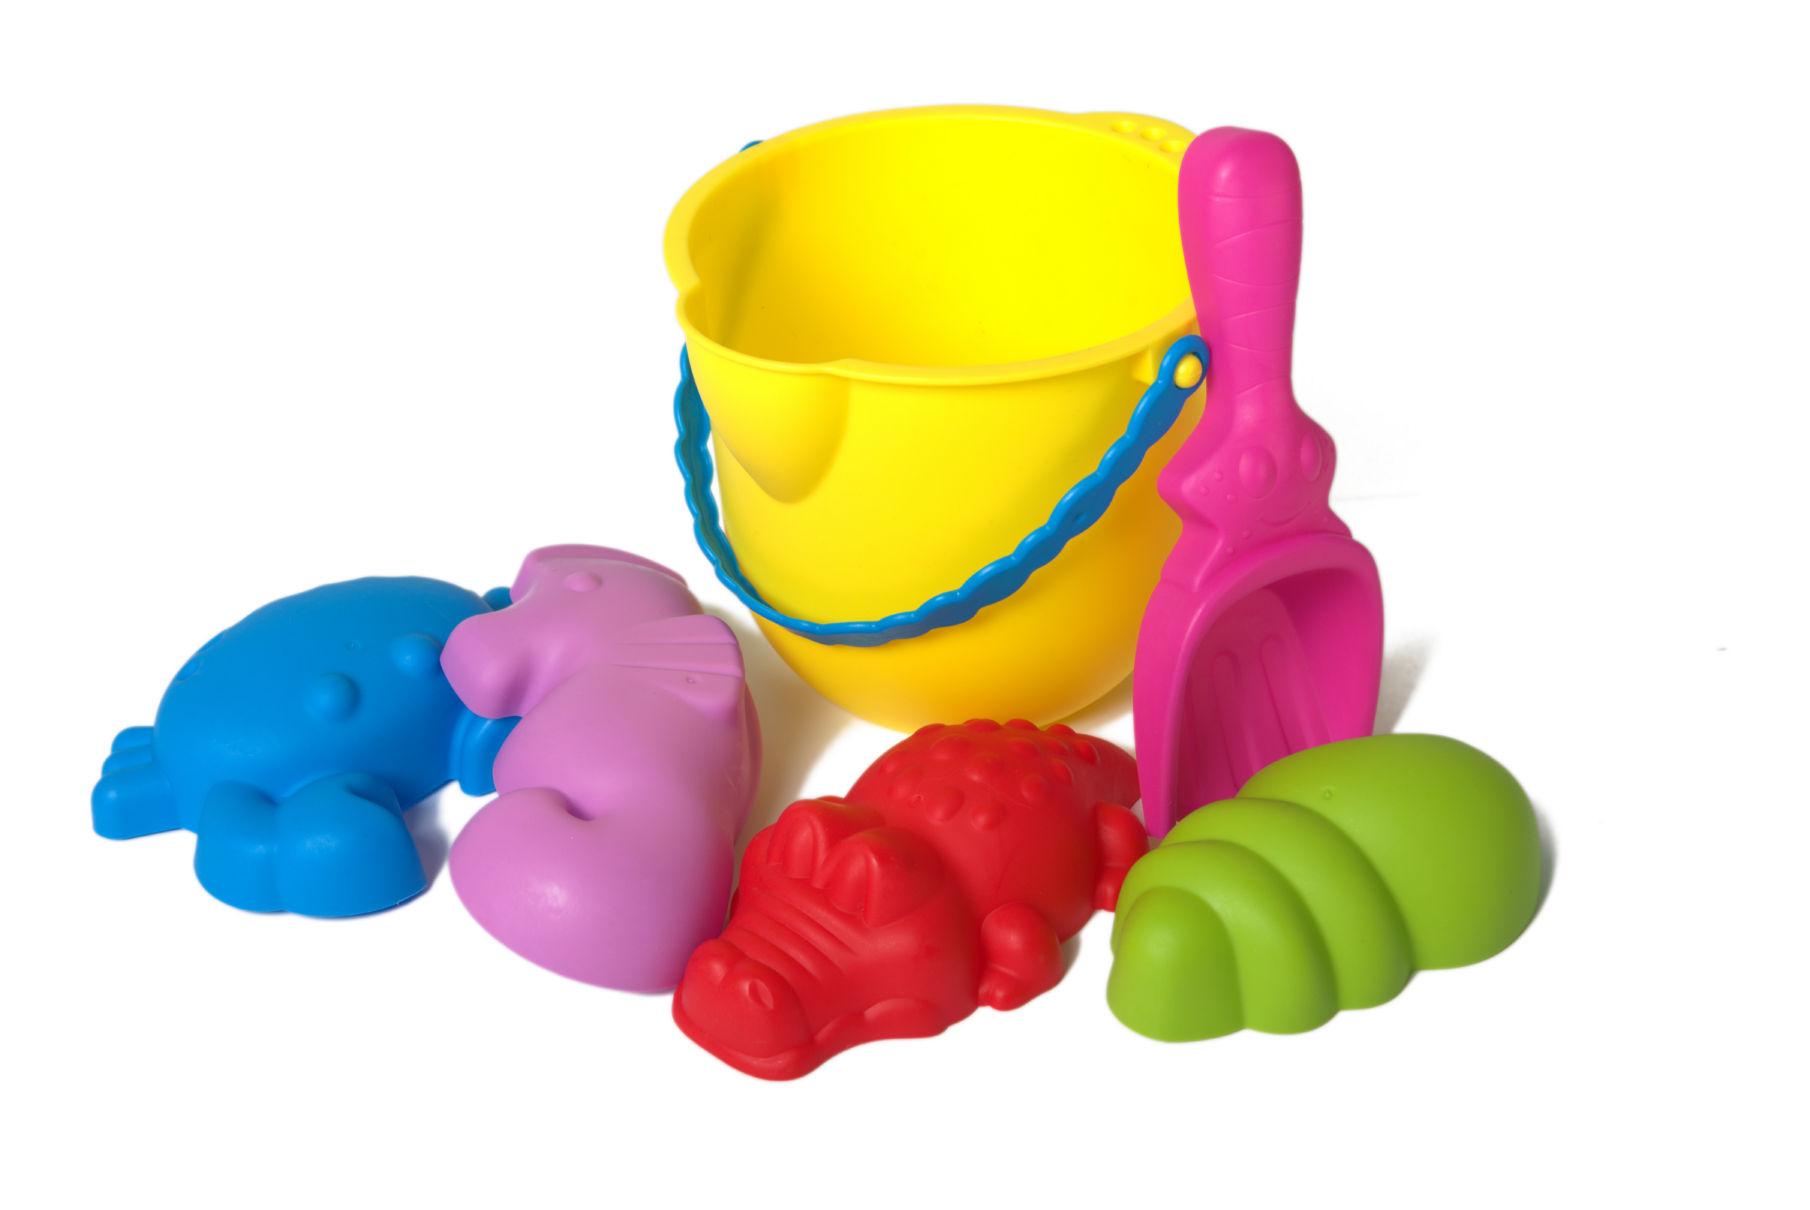 цены Игровой набор ЯиГрушка Для песка, 6 предмета